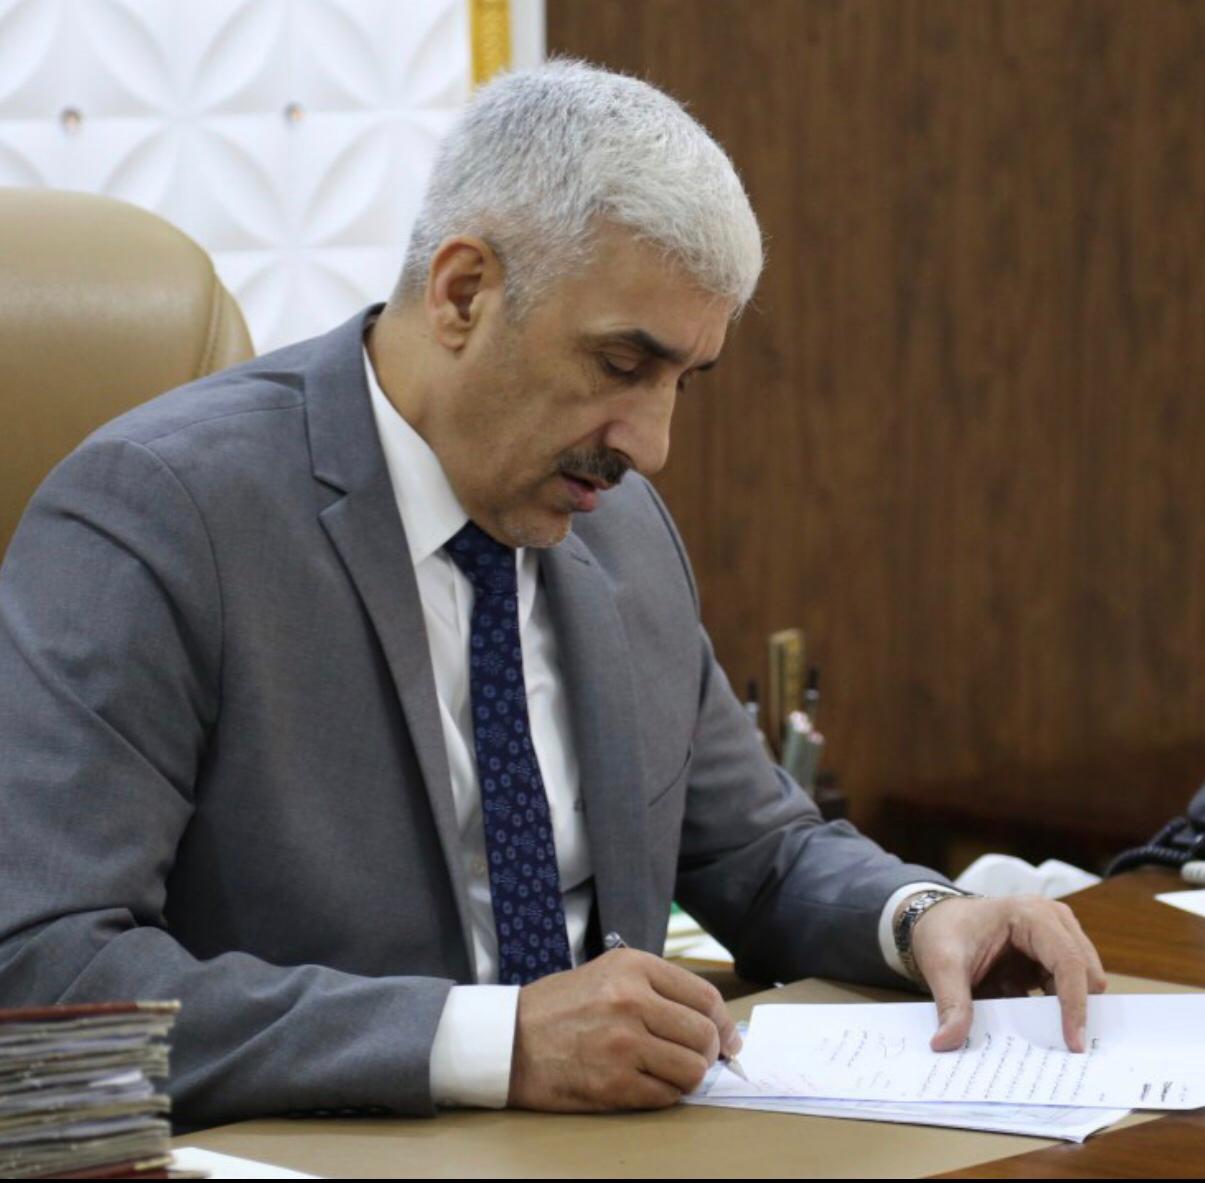 وزير الشباب يتبرع براتبه الشهري وامتيازاته لدعم إجراءات الوقاية من فيروس كورونا